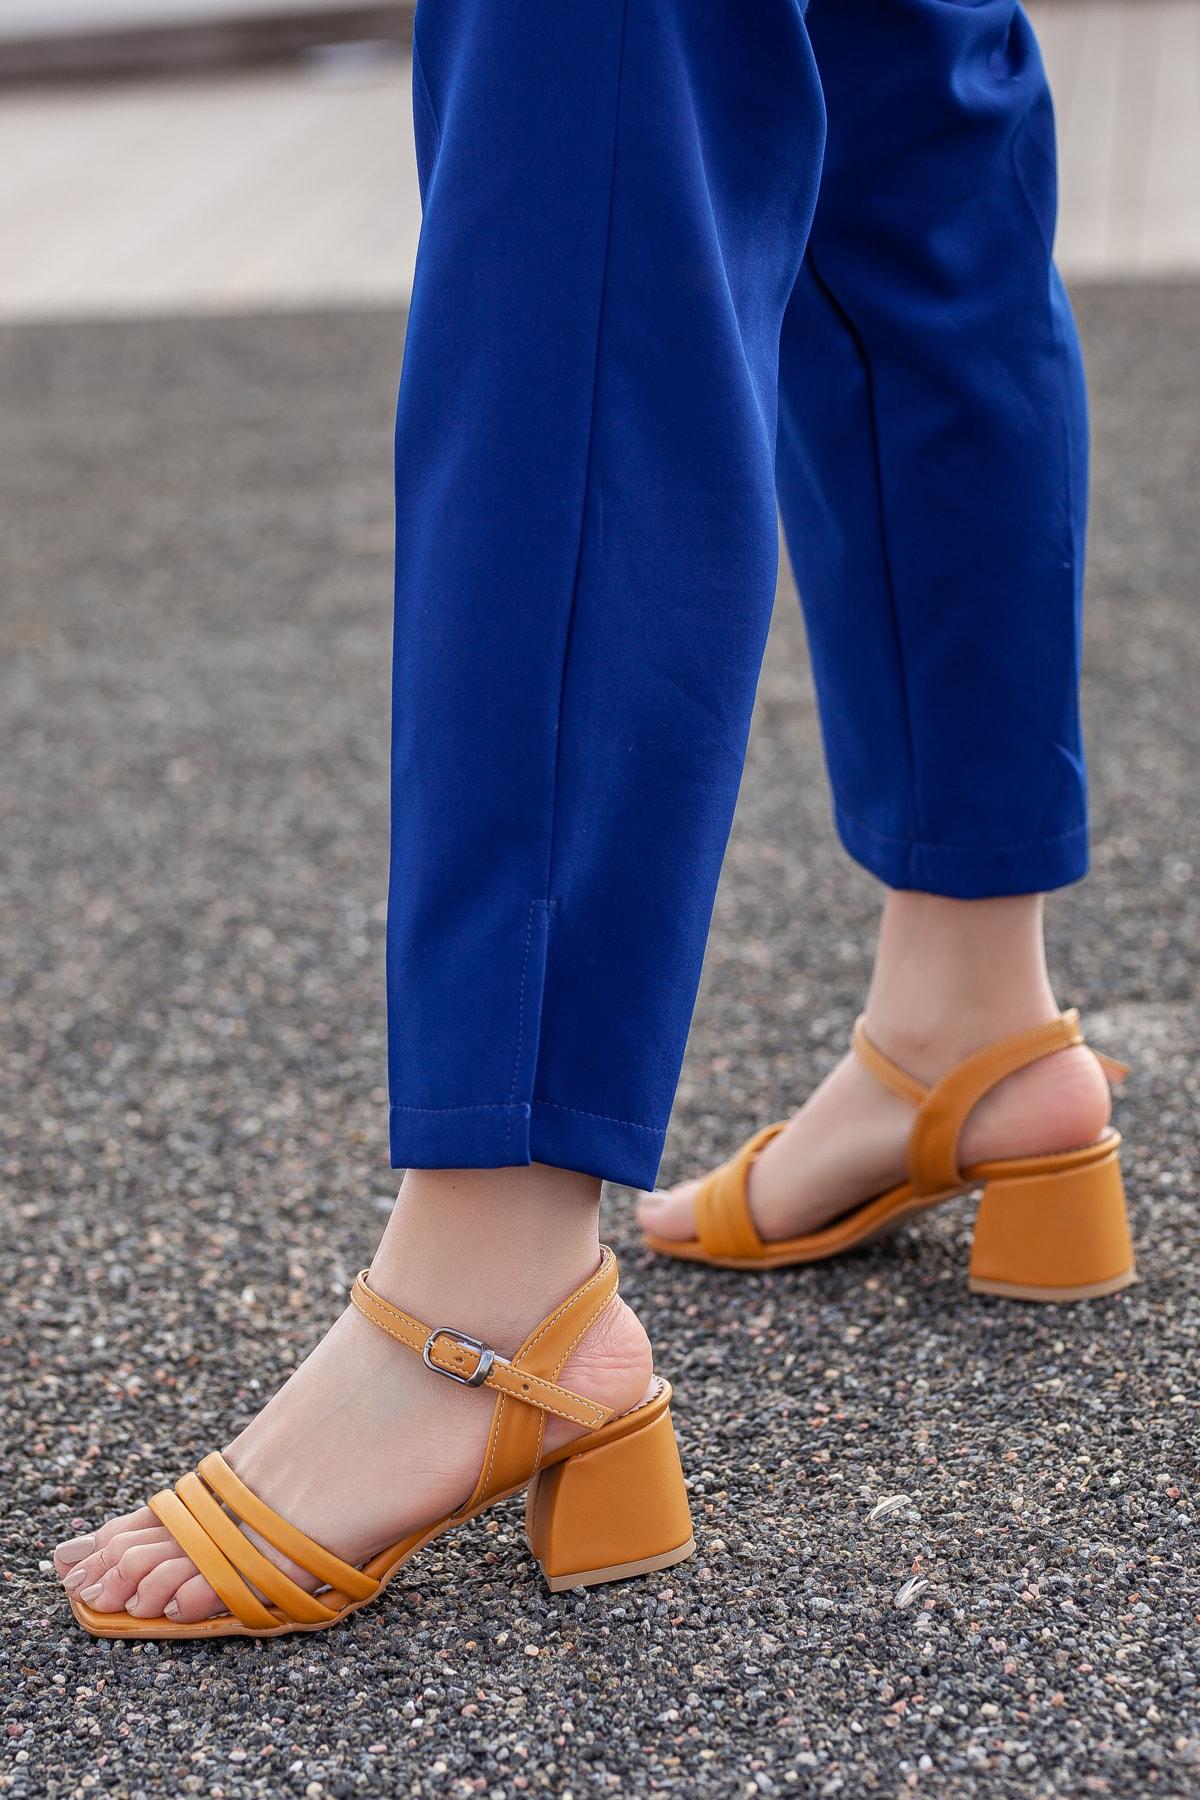 Daxtors D2180 Kadın Klasik Topuklu Ayakkabı 2